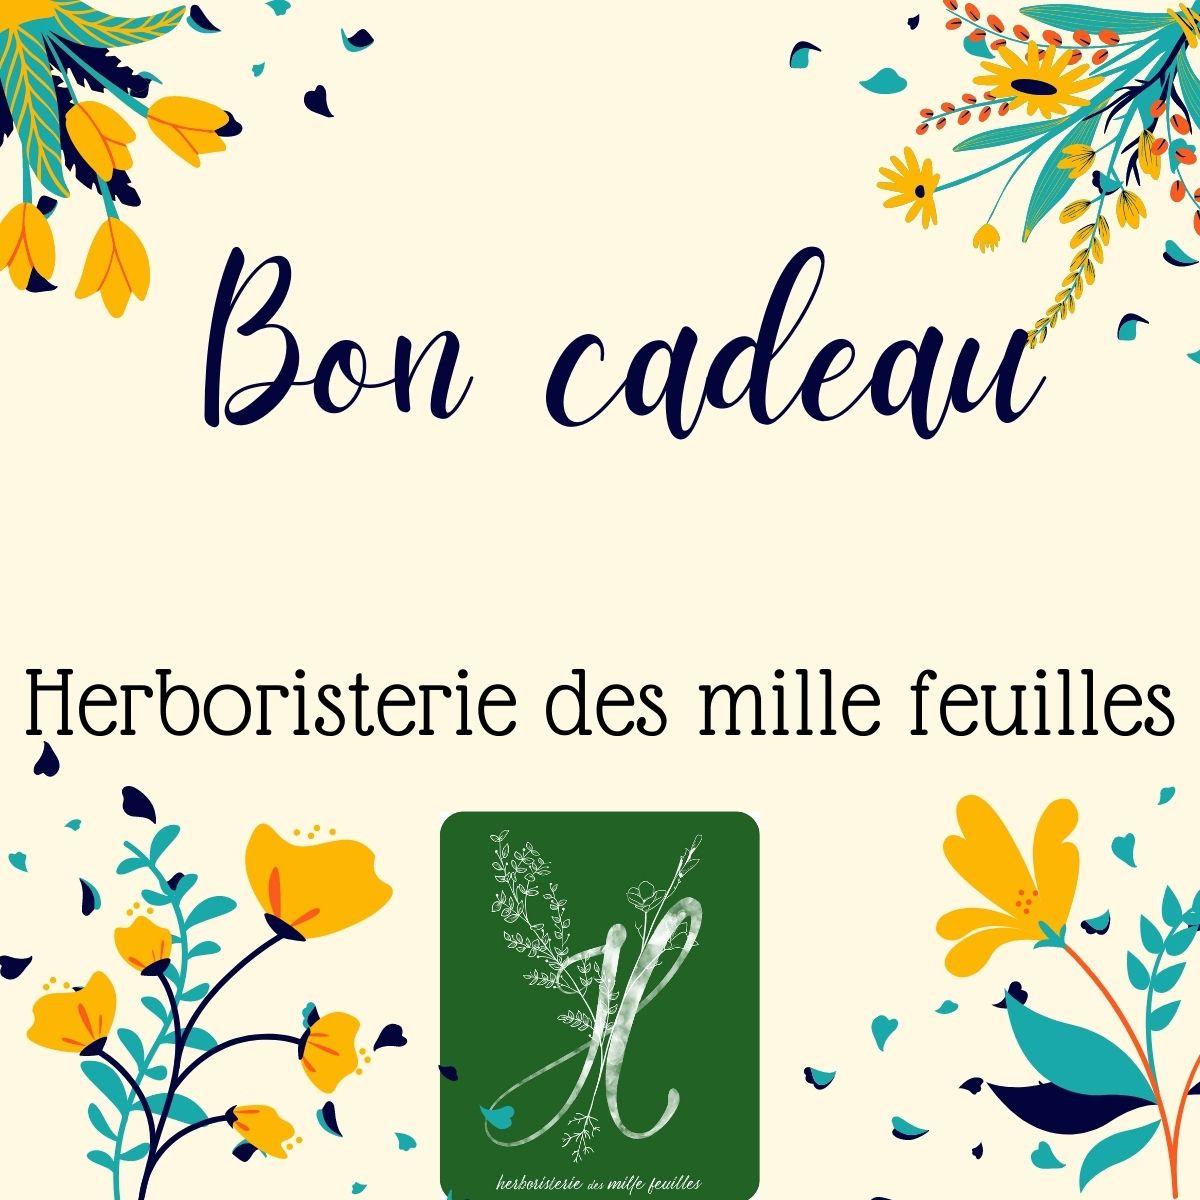 Bons cadeaux avec montant au choix, à utiliser à l'Herboristerie des mille feuilles à Villefranche sur saône.